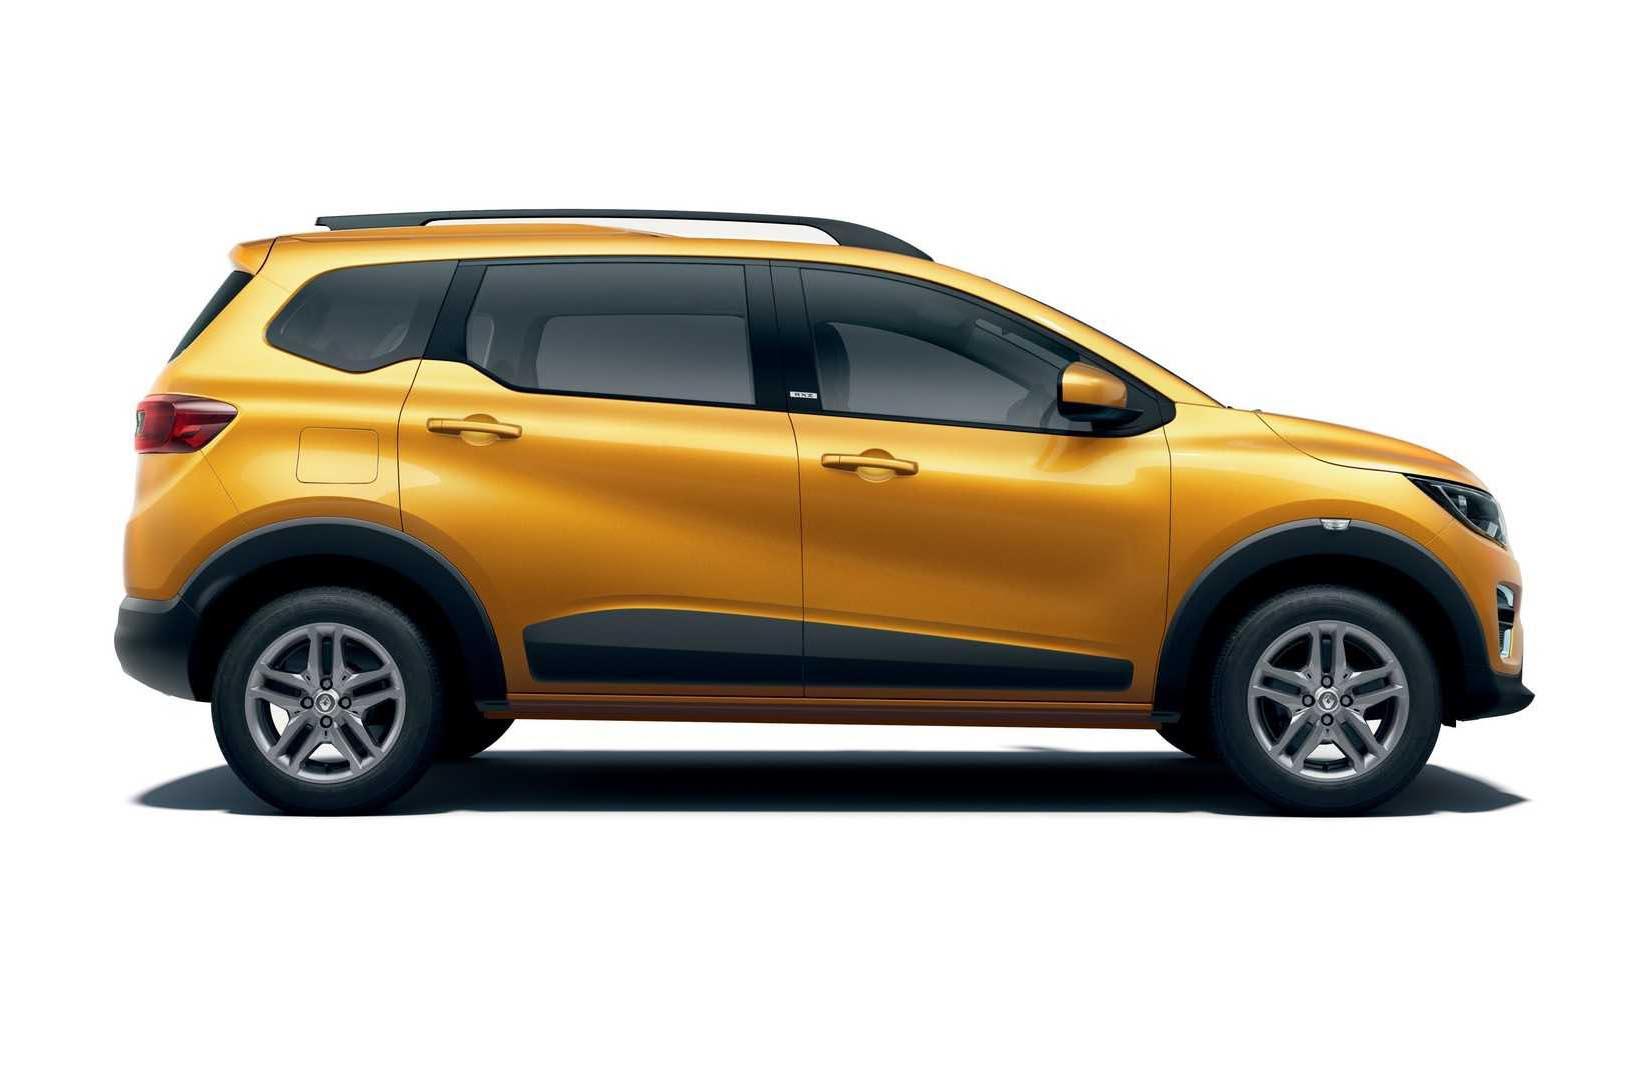 Renault Mainkan Kelas Low MPV Lewat Triber